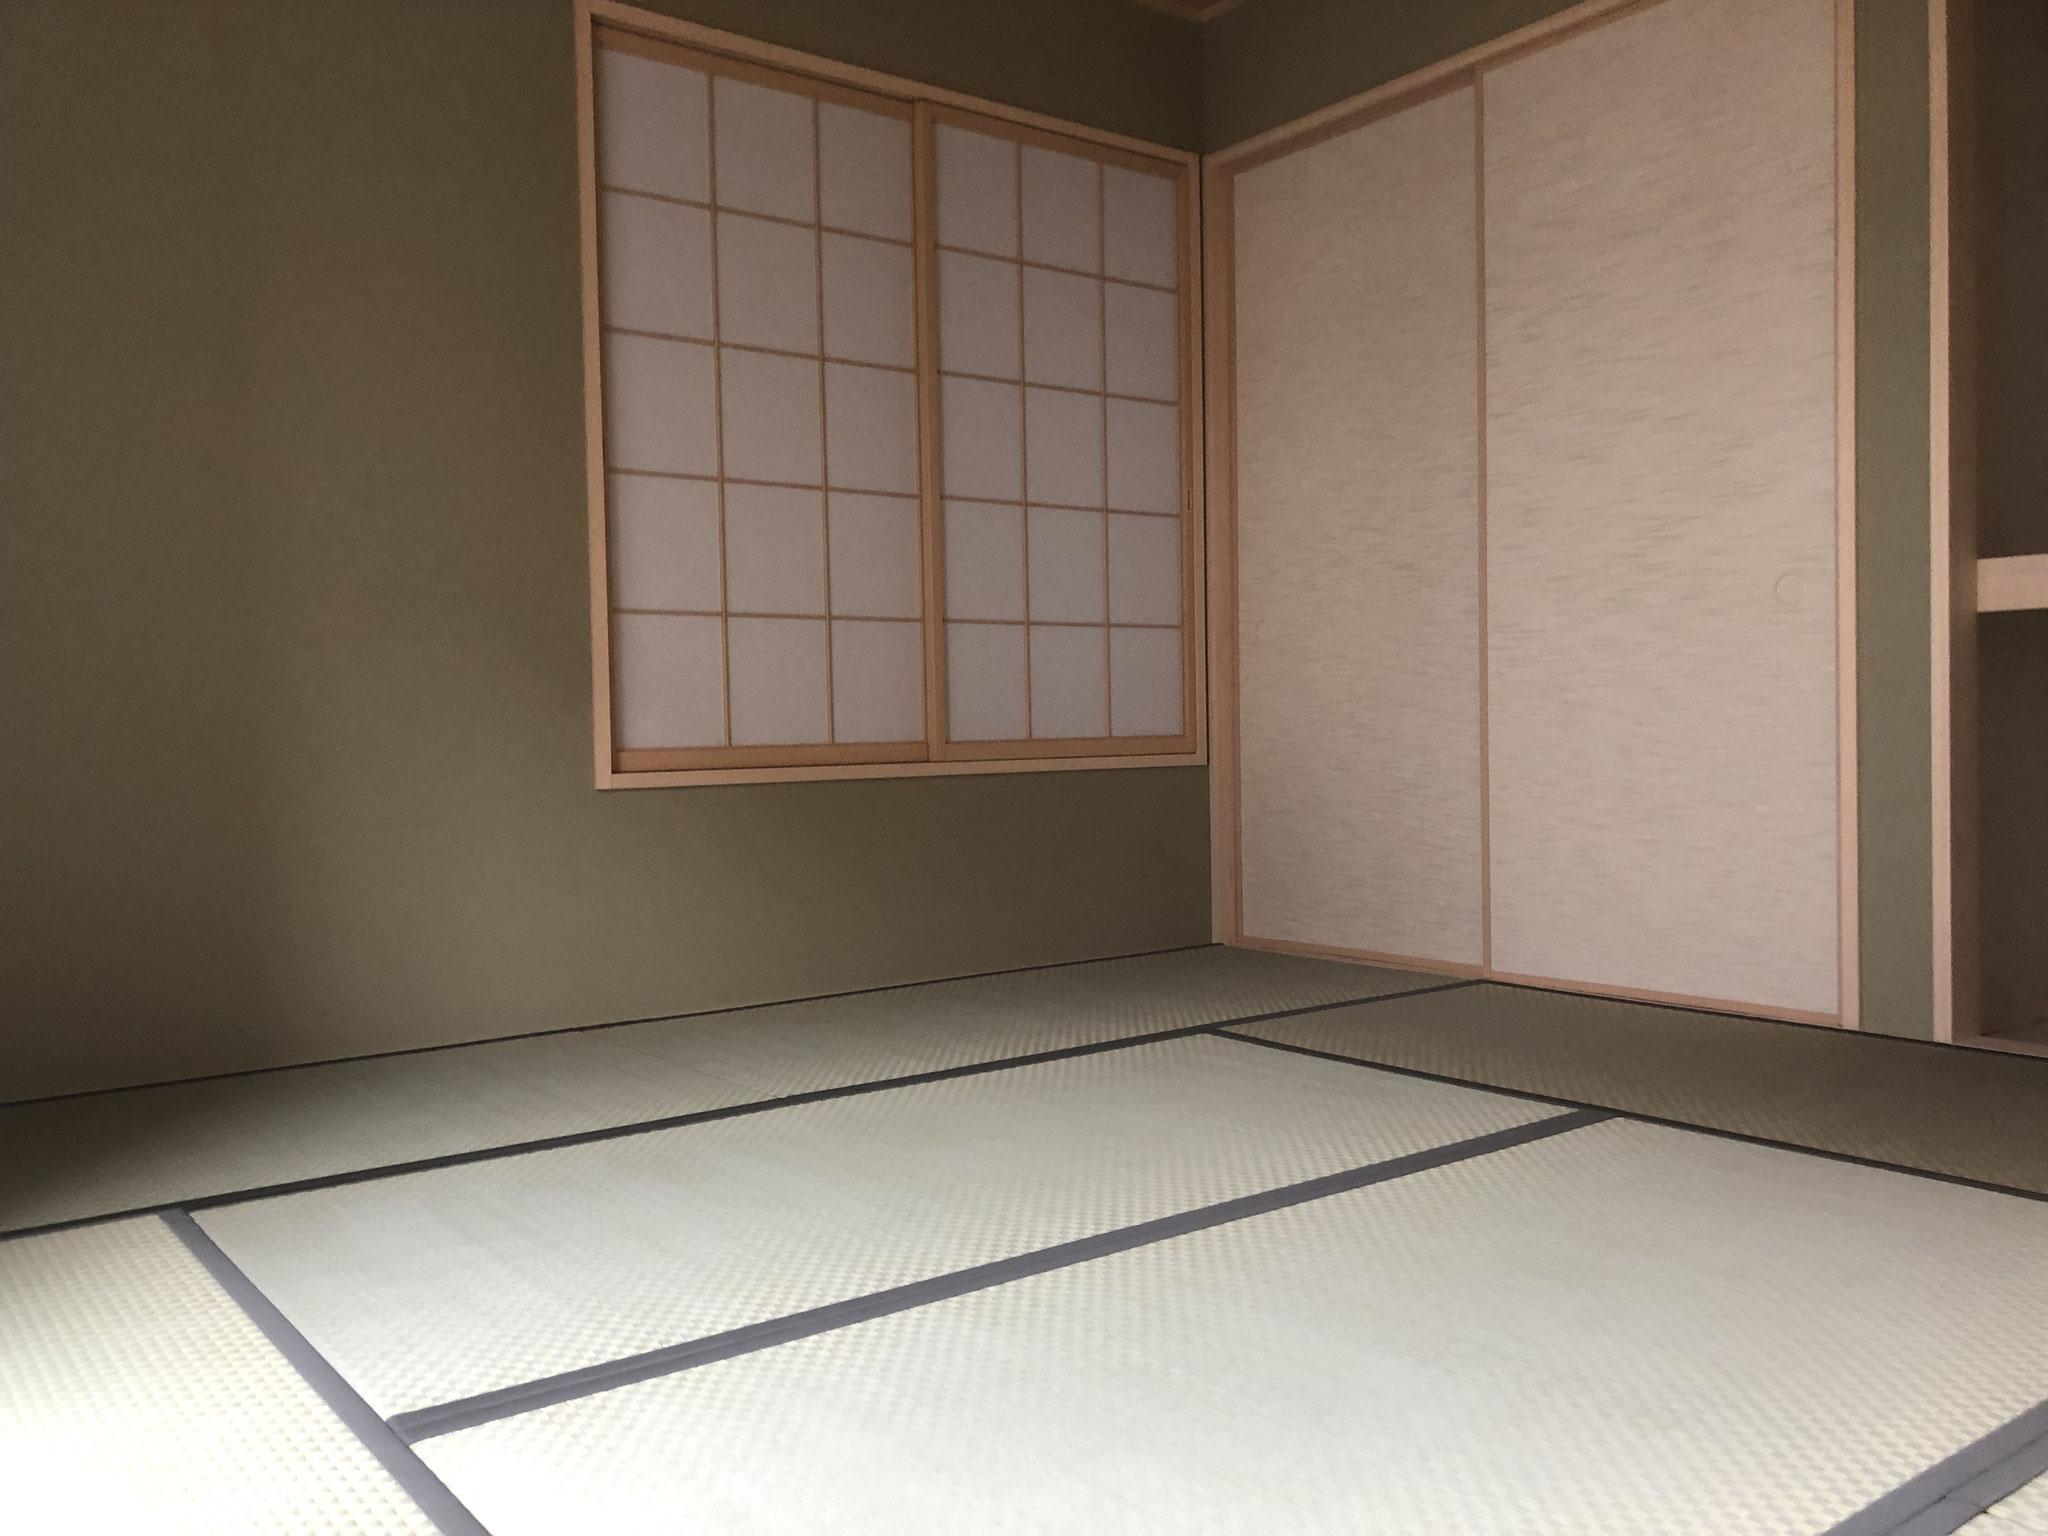 8畳の和室は、一間半の押し入れと床の間、地袋があり、収納力もあります。